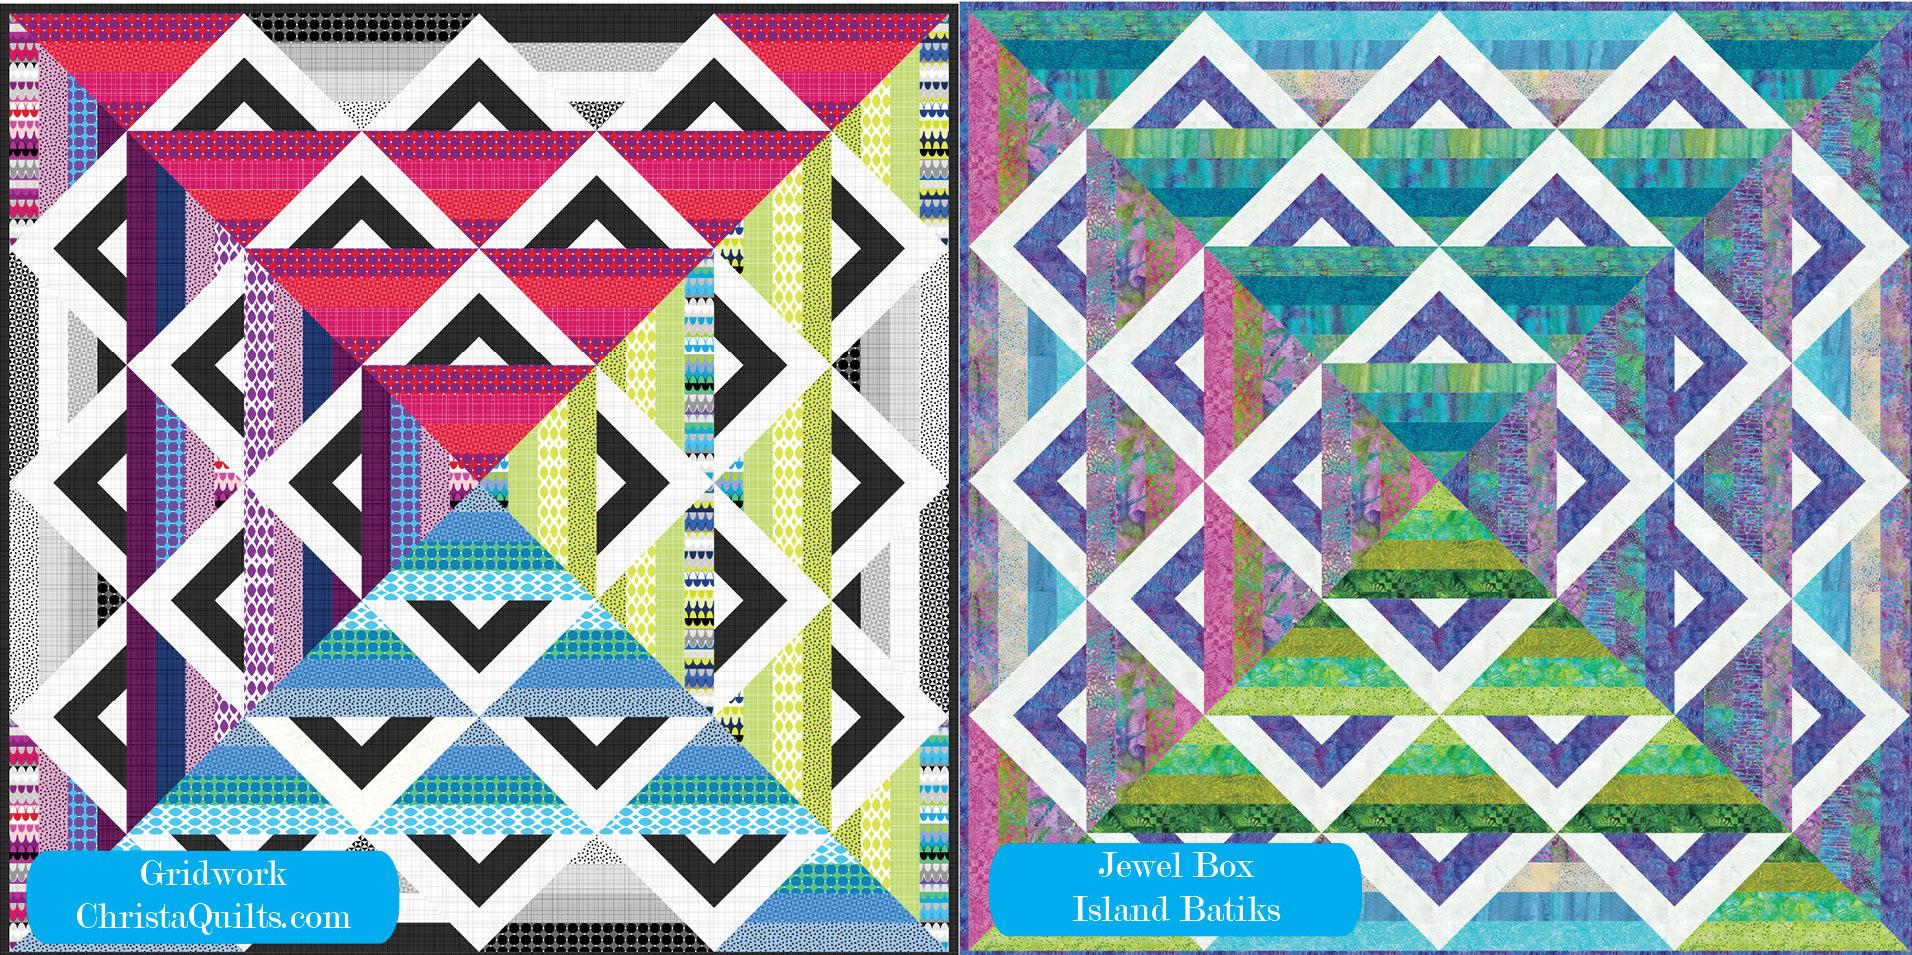 PaintBox Designs copy